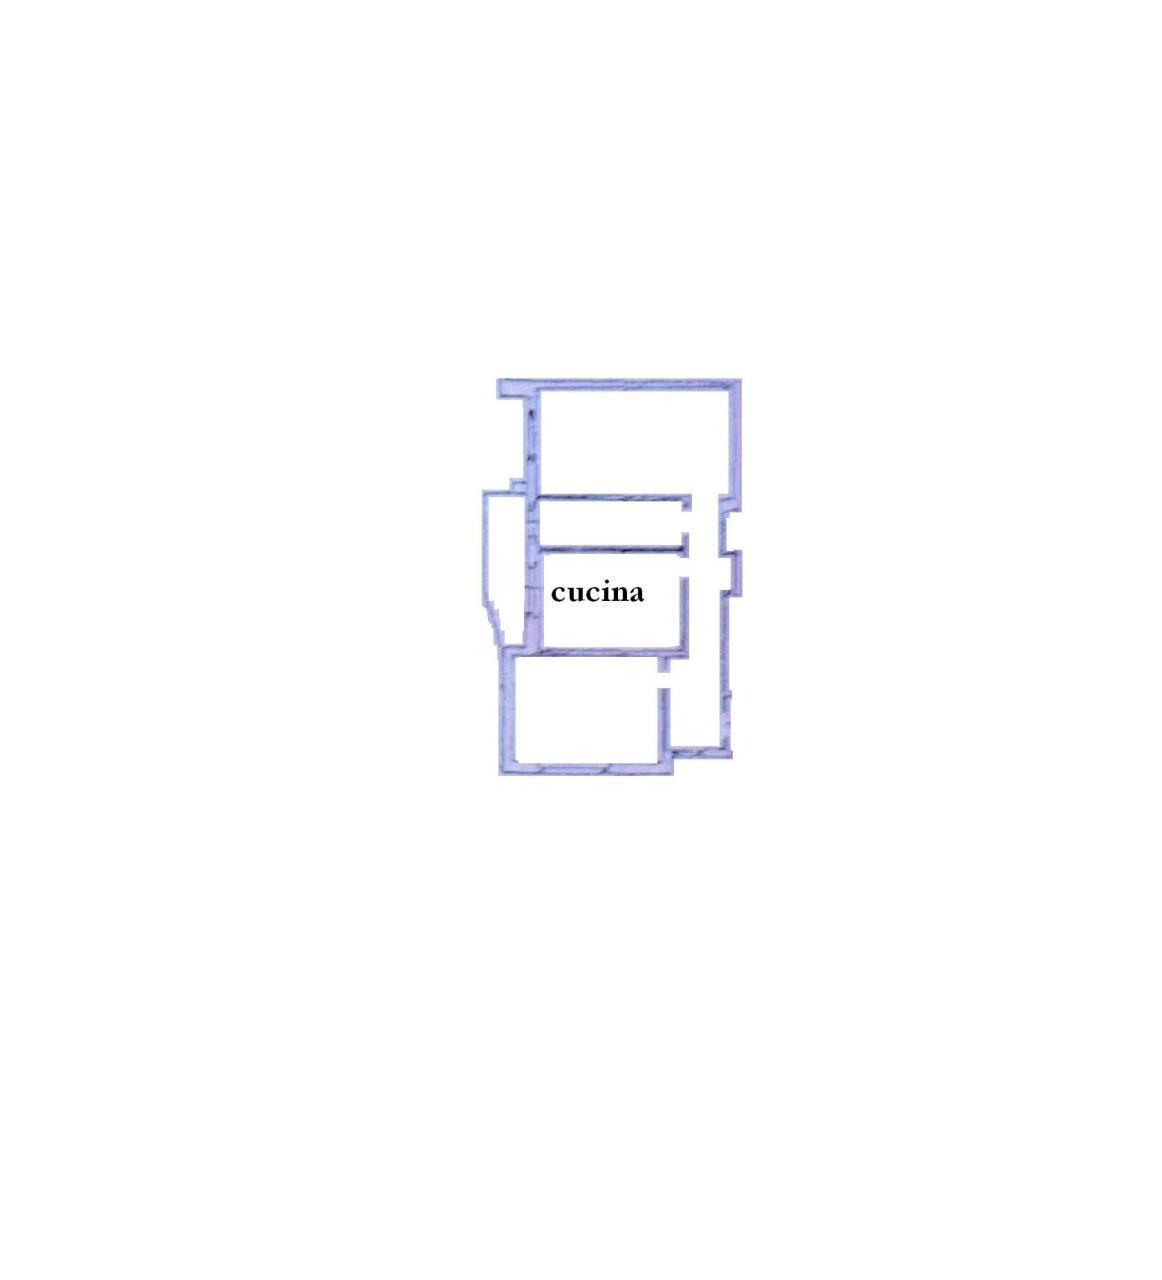 Appartamento in vendita a Savona, 3 locali, prezzo € 125.000 | Cambio Casa.it